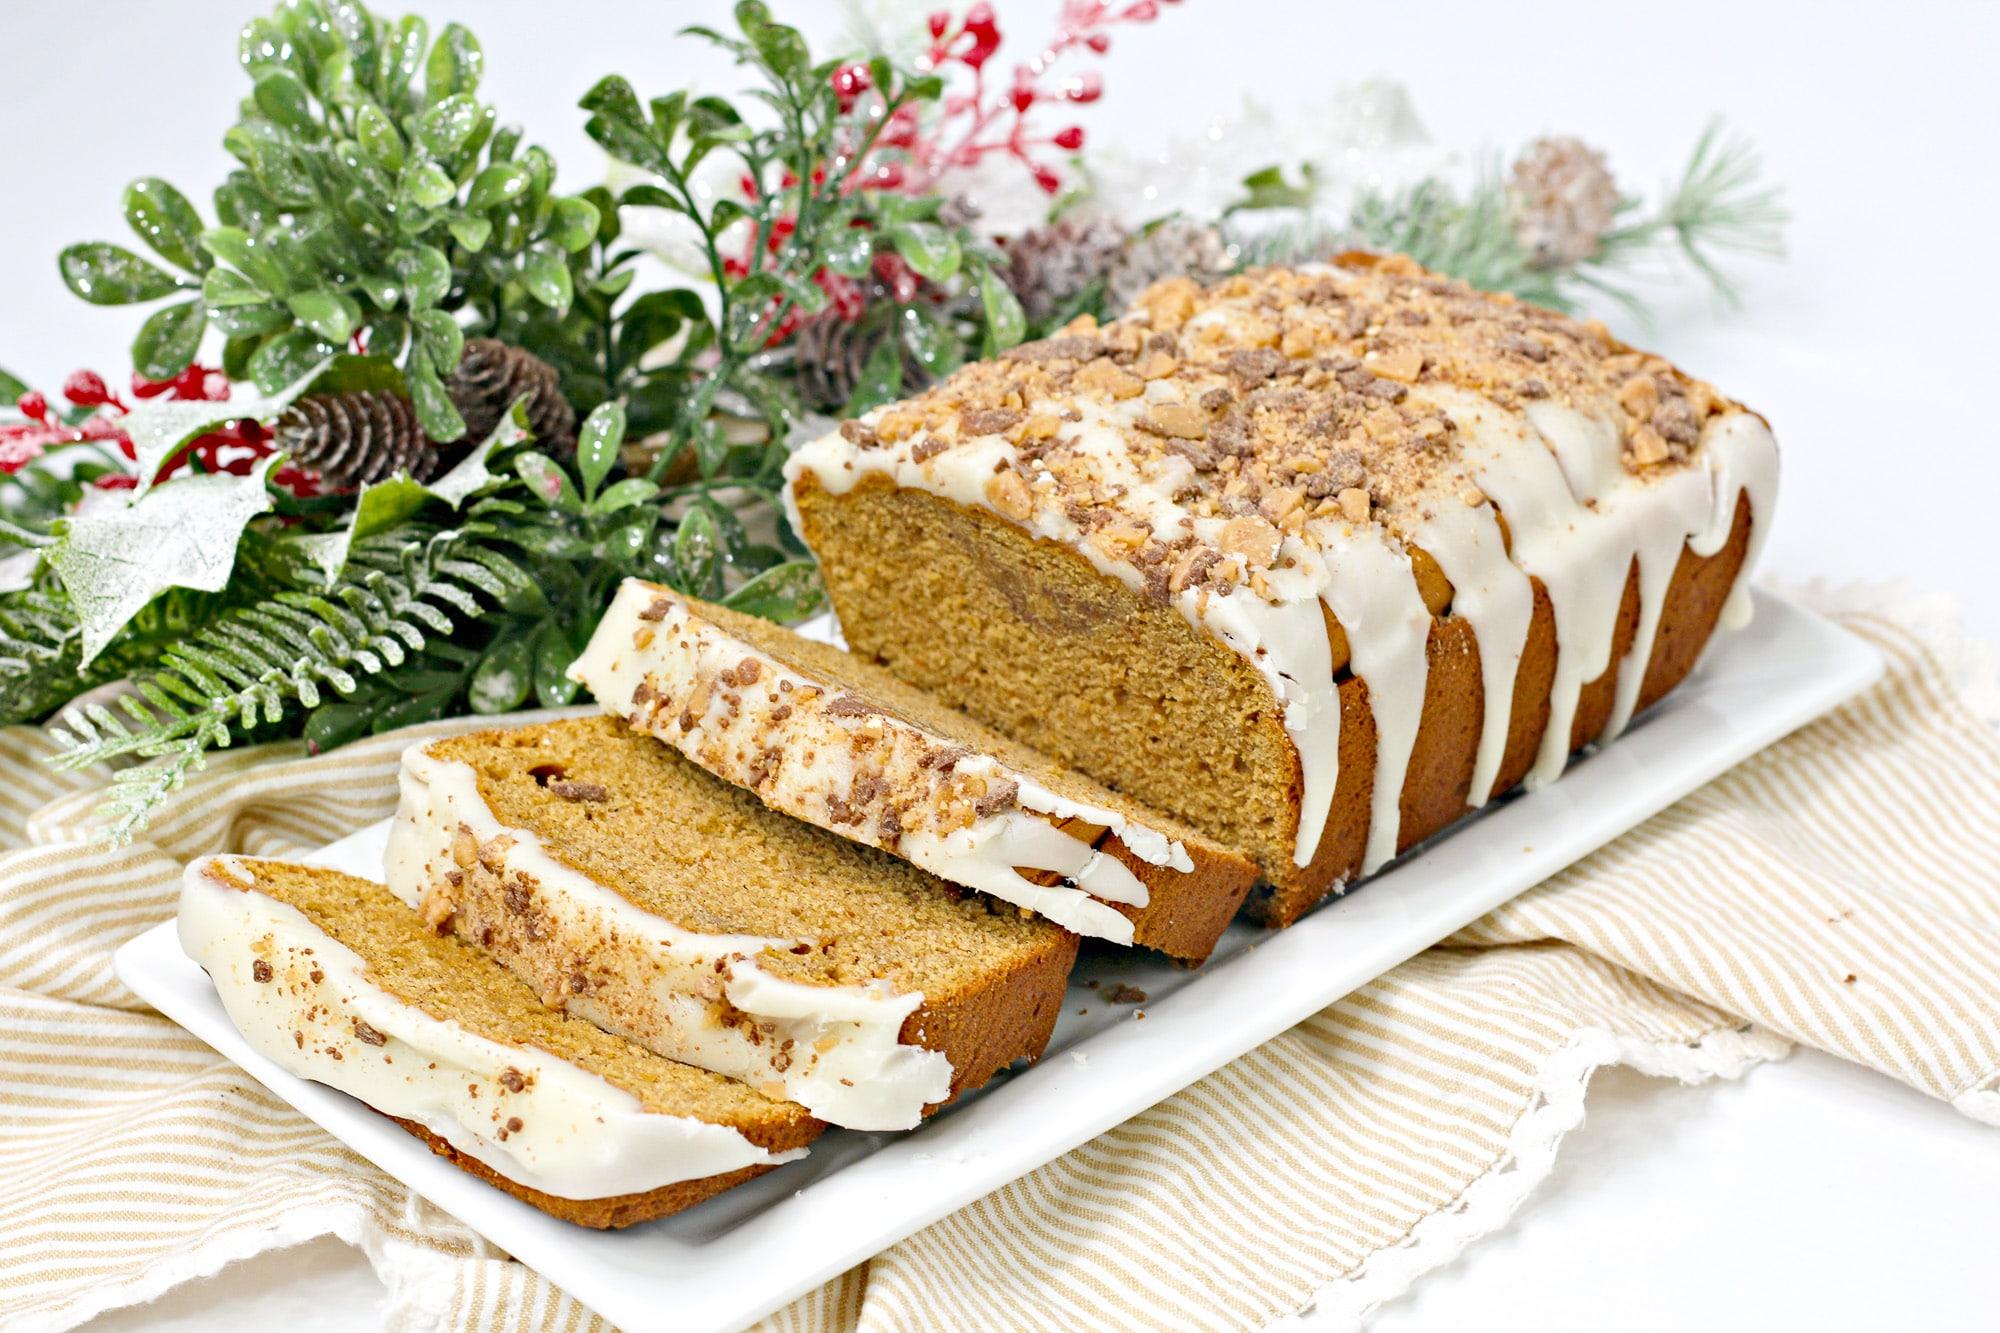 Sweet potato bread sliced on white platter